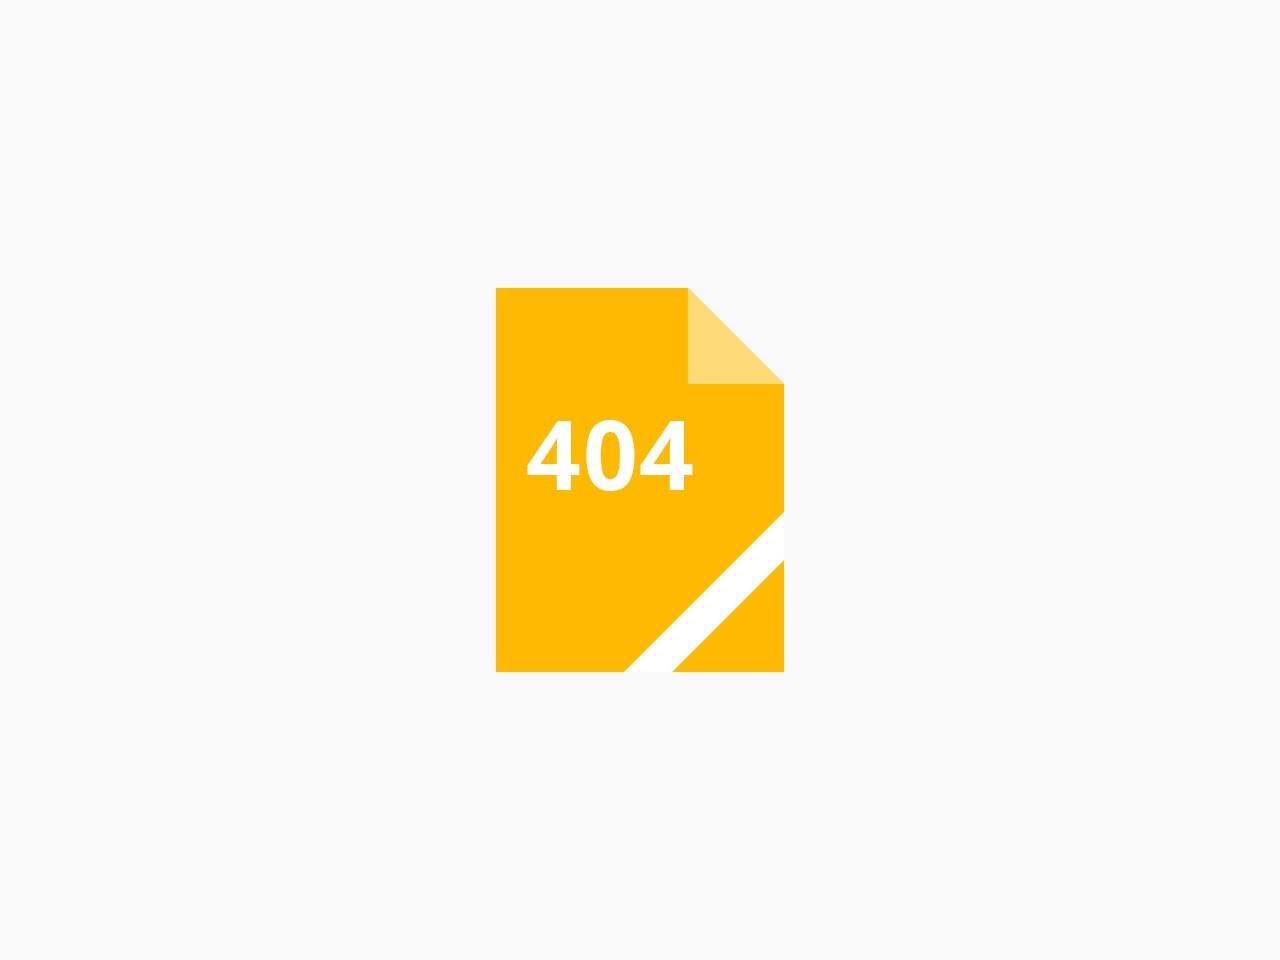 365音乐网